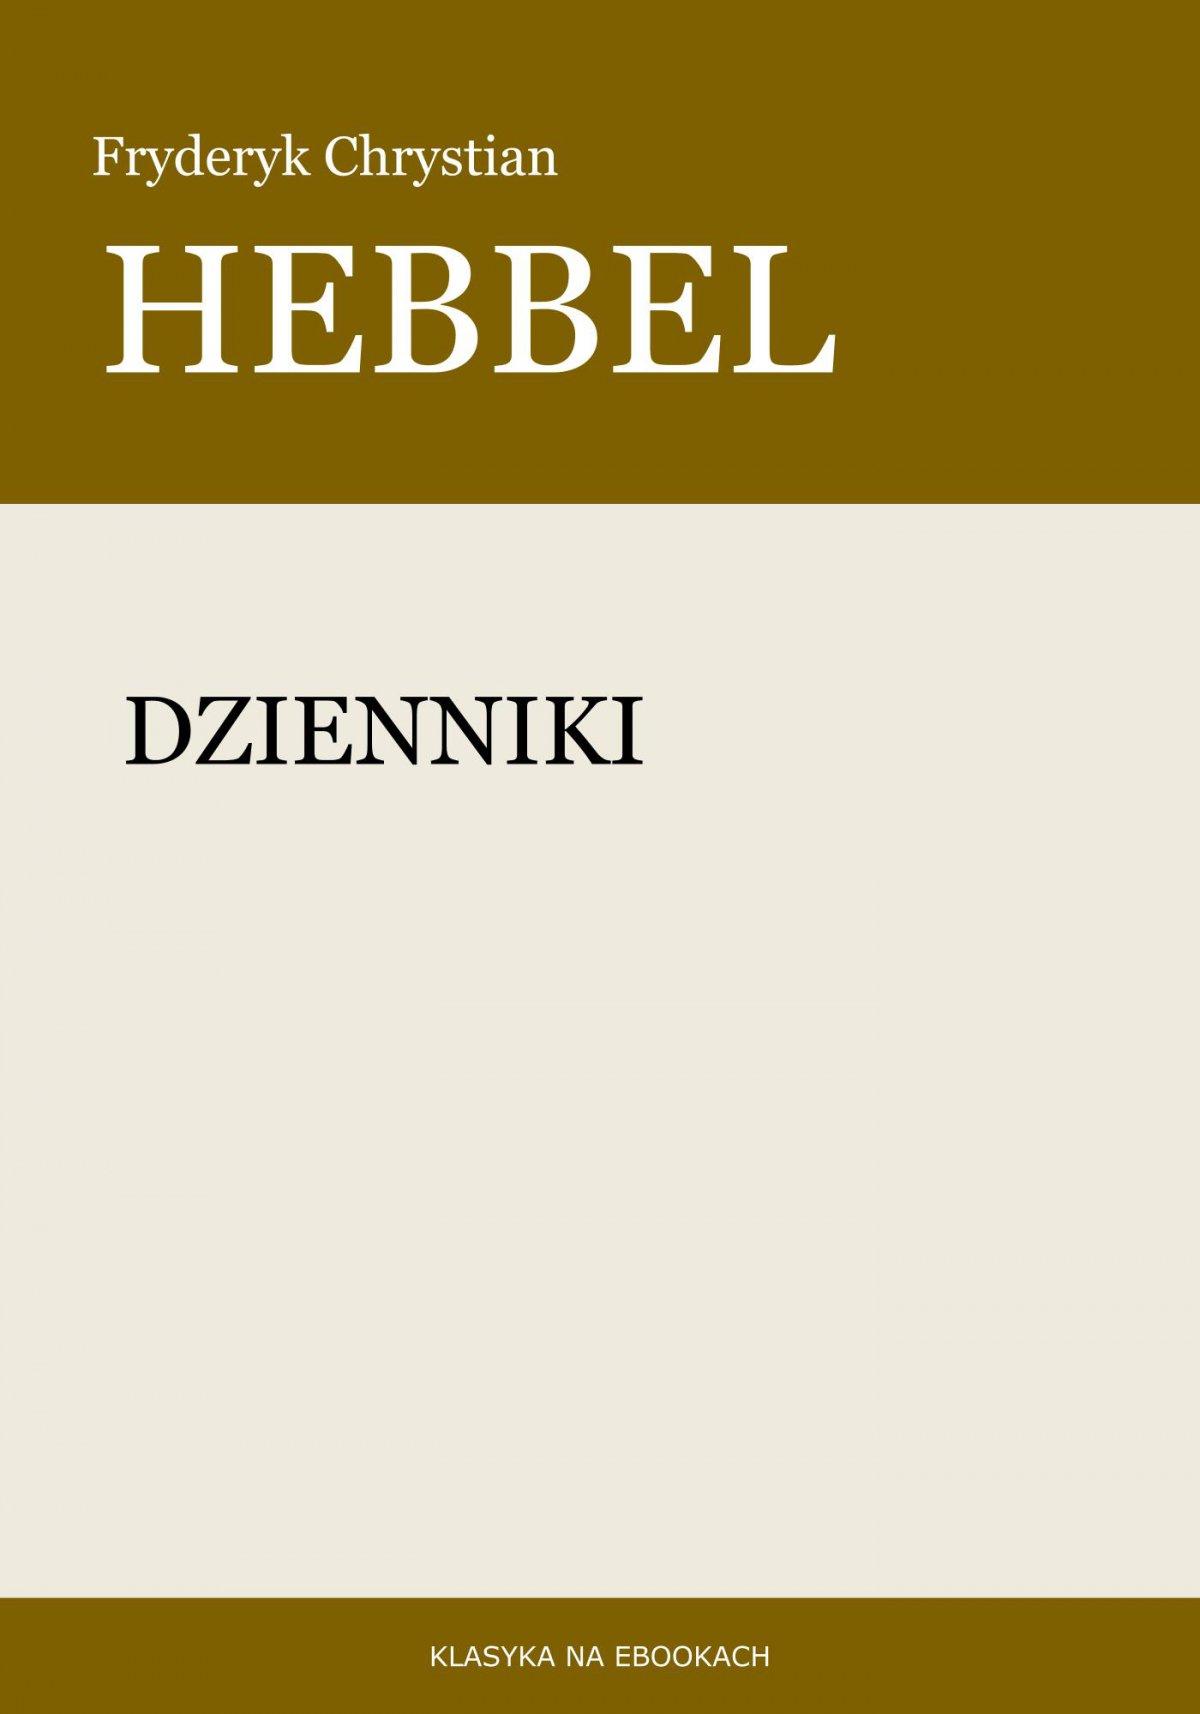 Dzienniki - Ebook (Książka EPUB) do pobrania w formacie EPUB